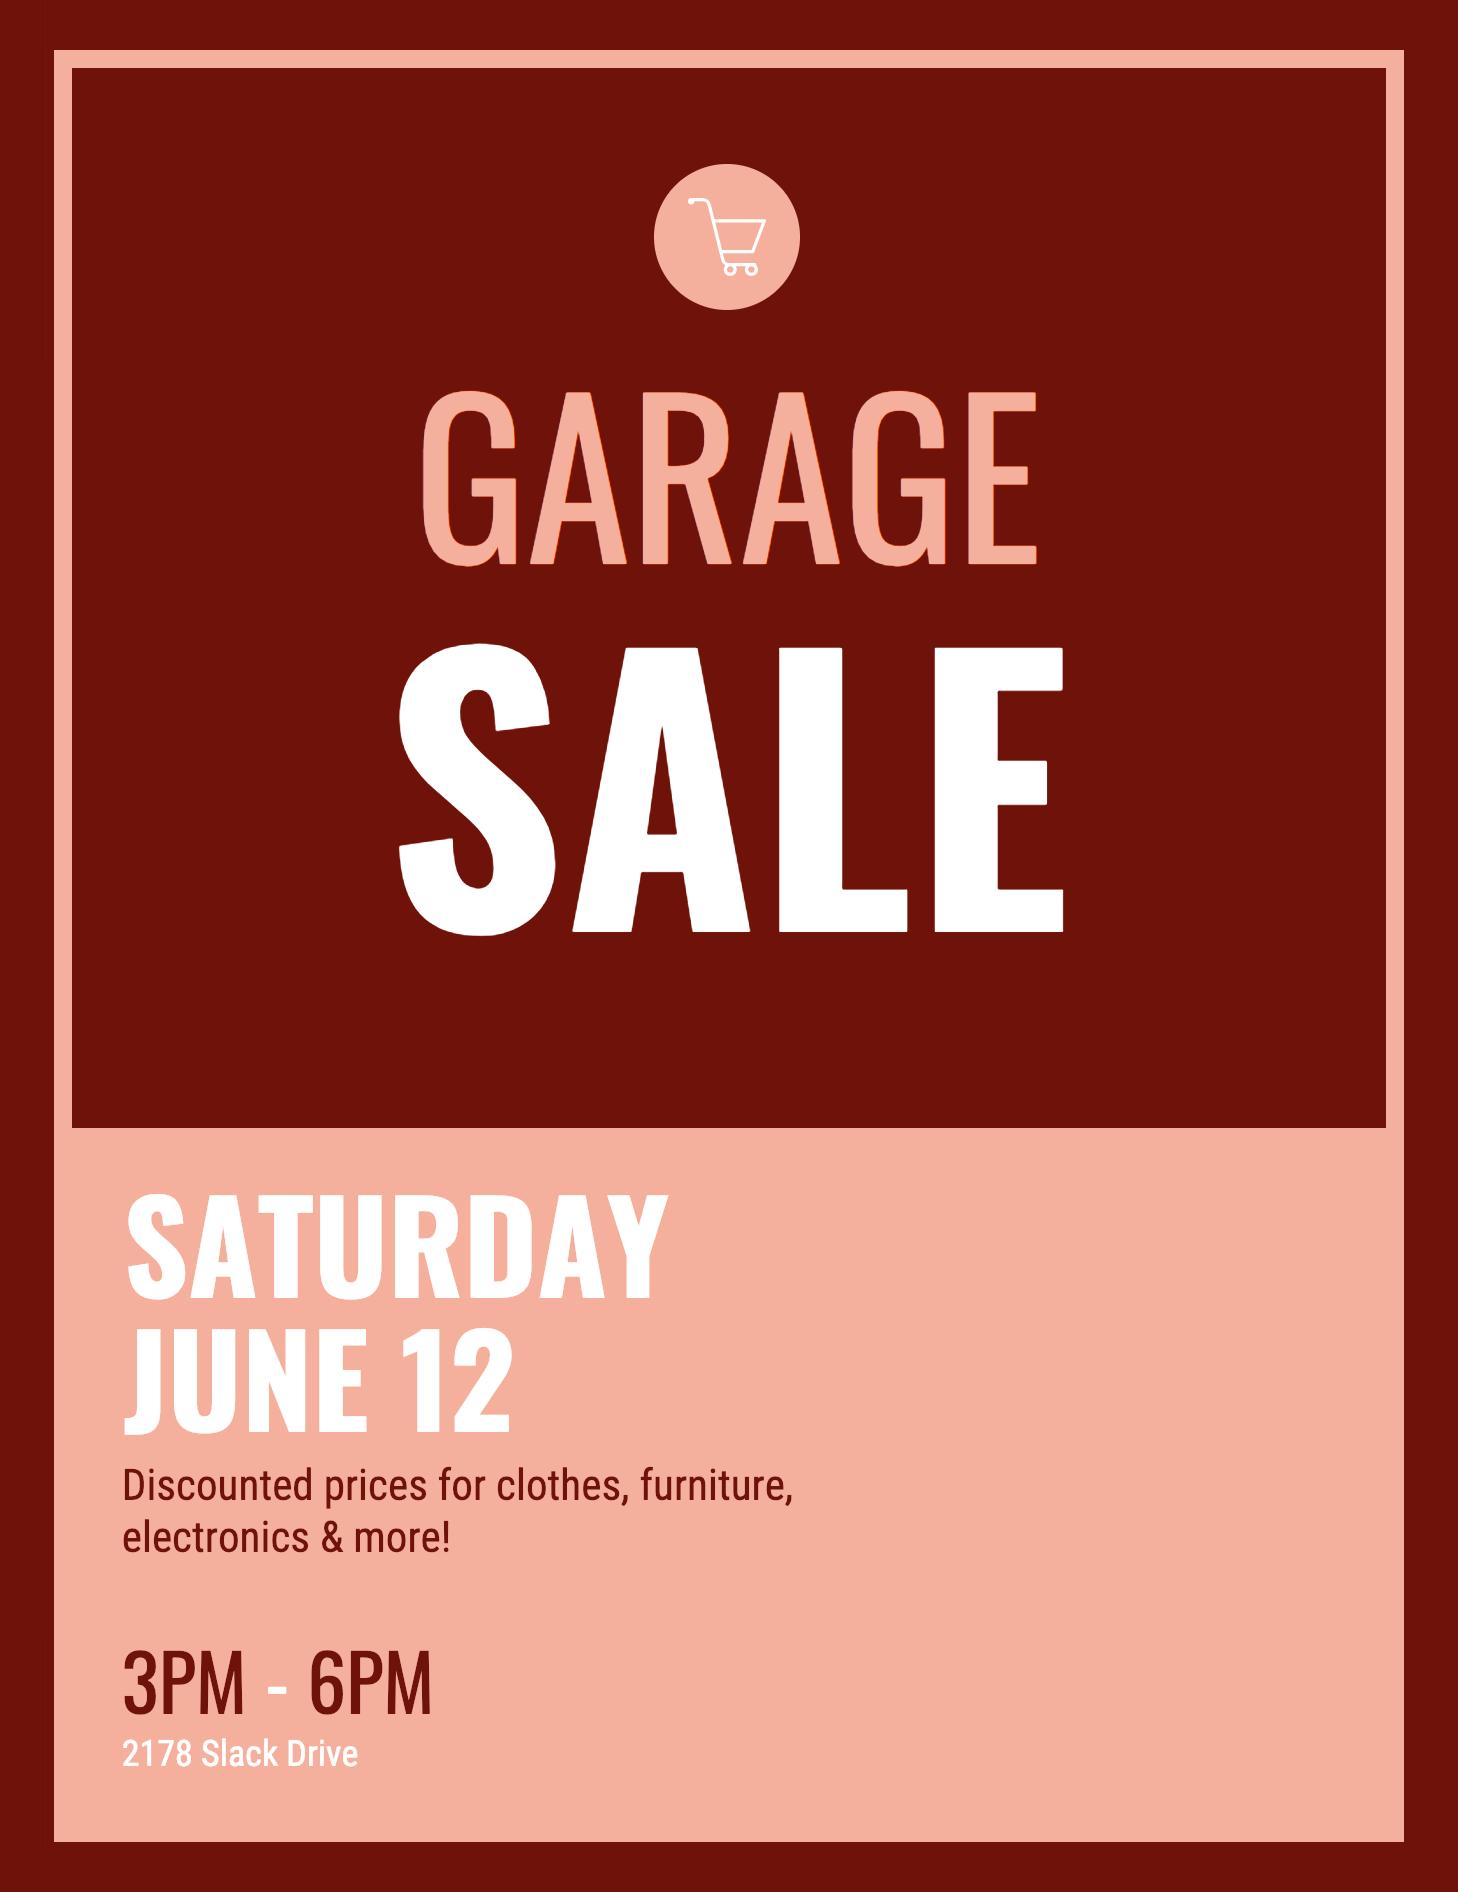 Garage Sale Event Poster Event Poster Event Poster Template Garage Sales